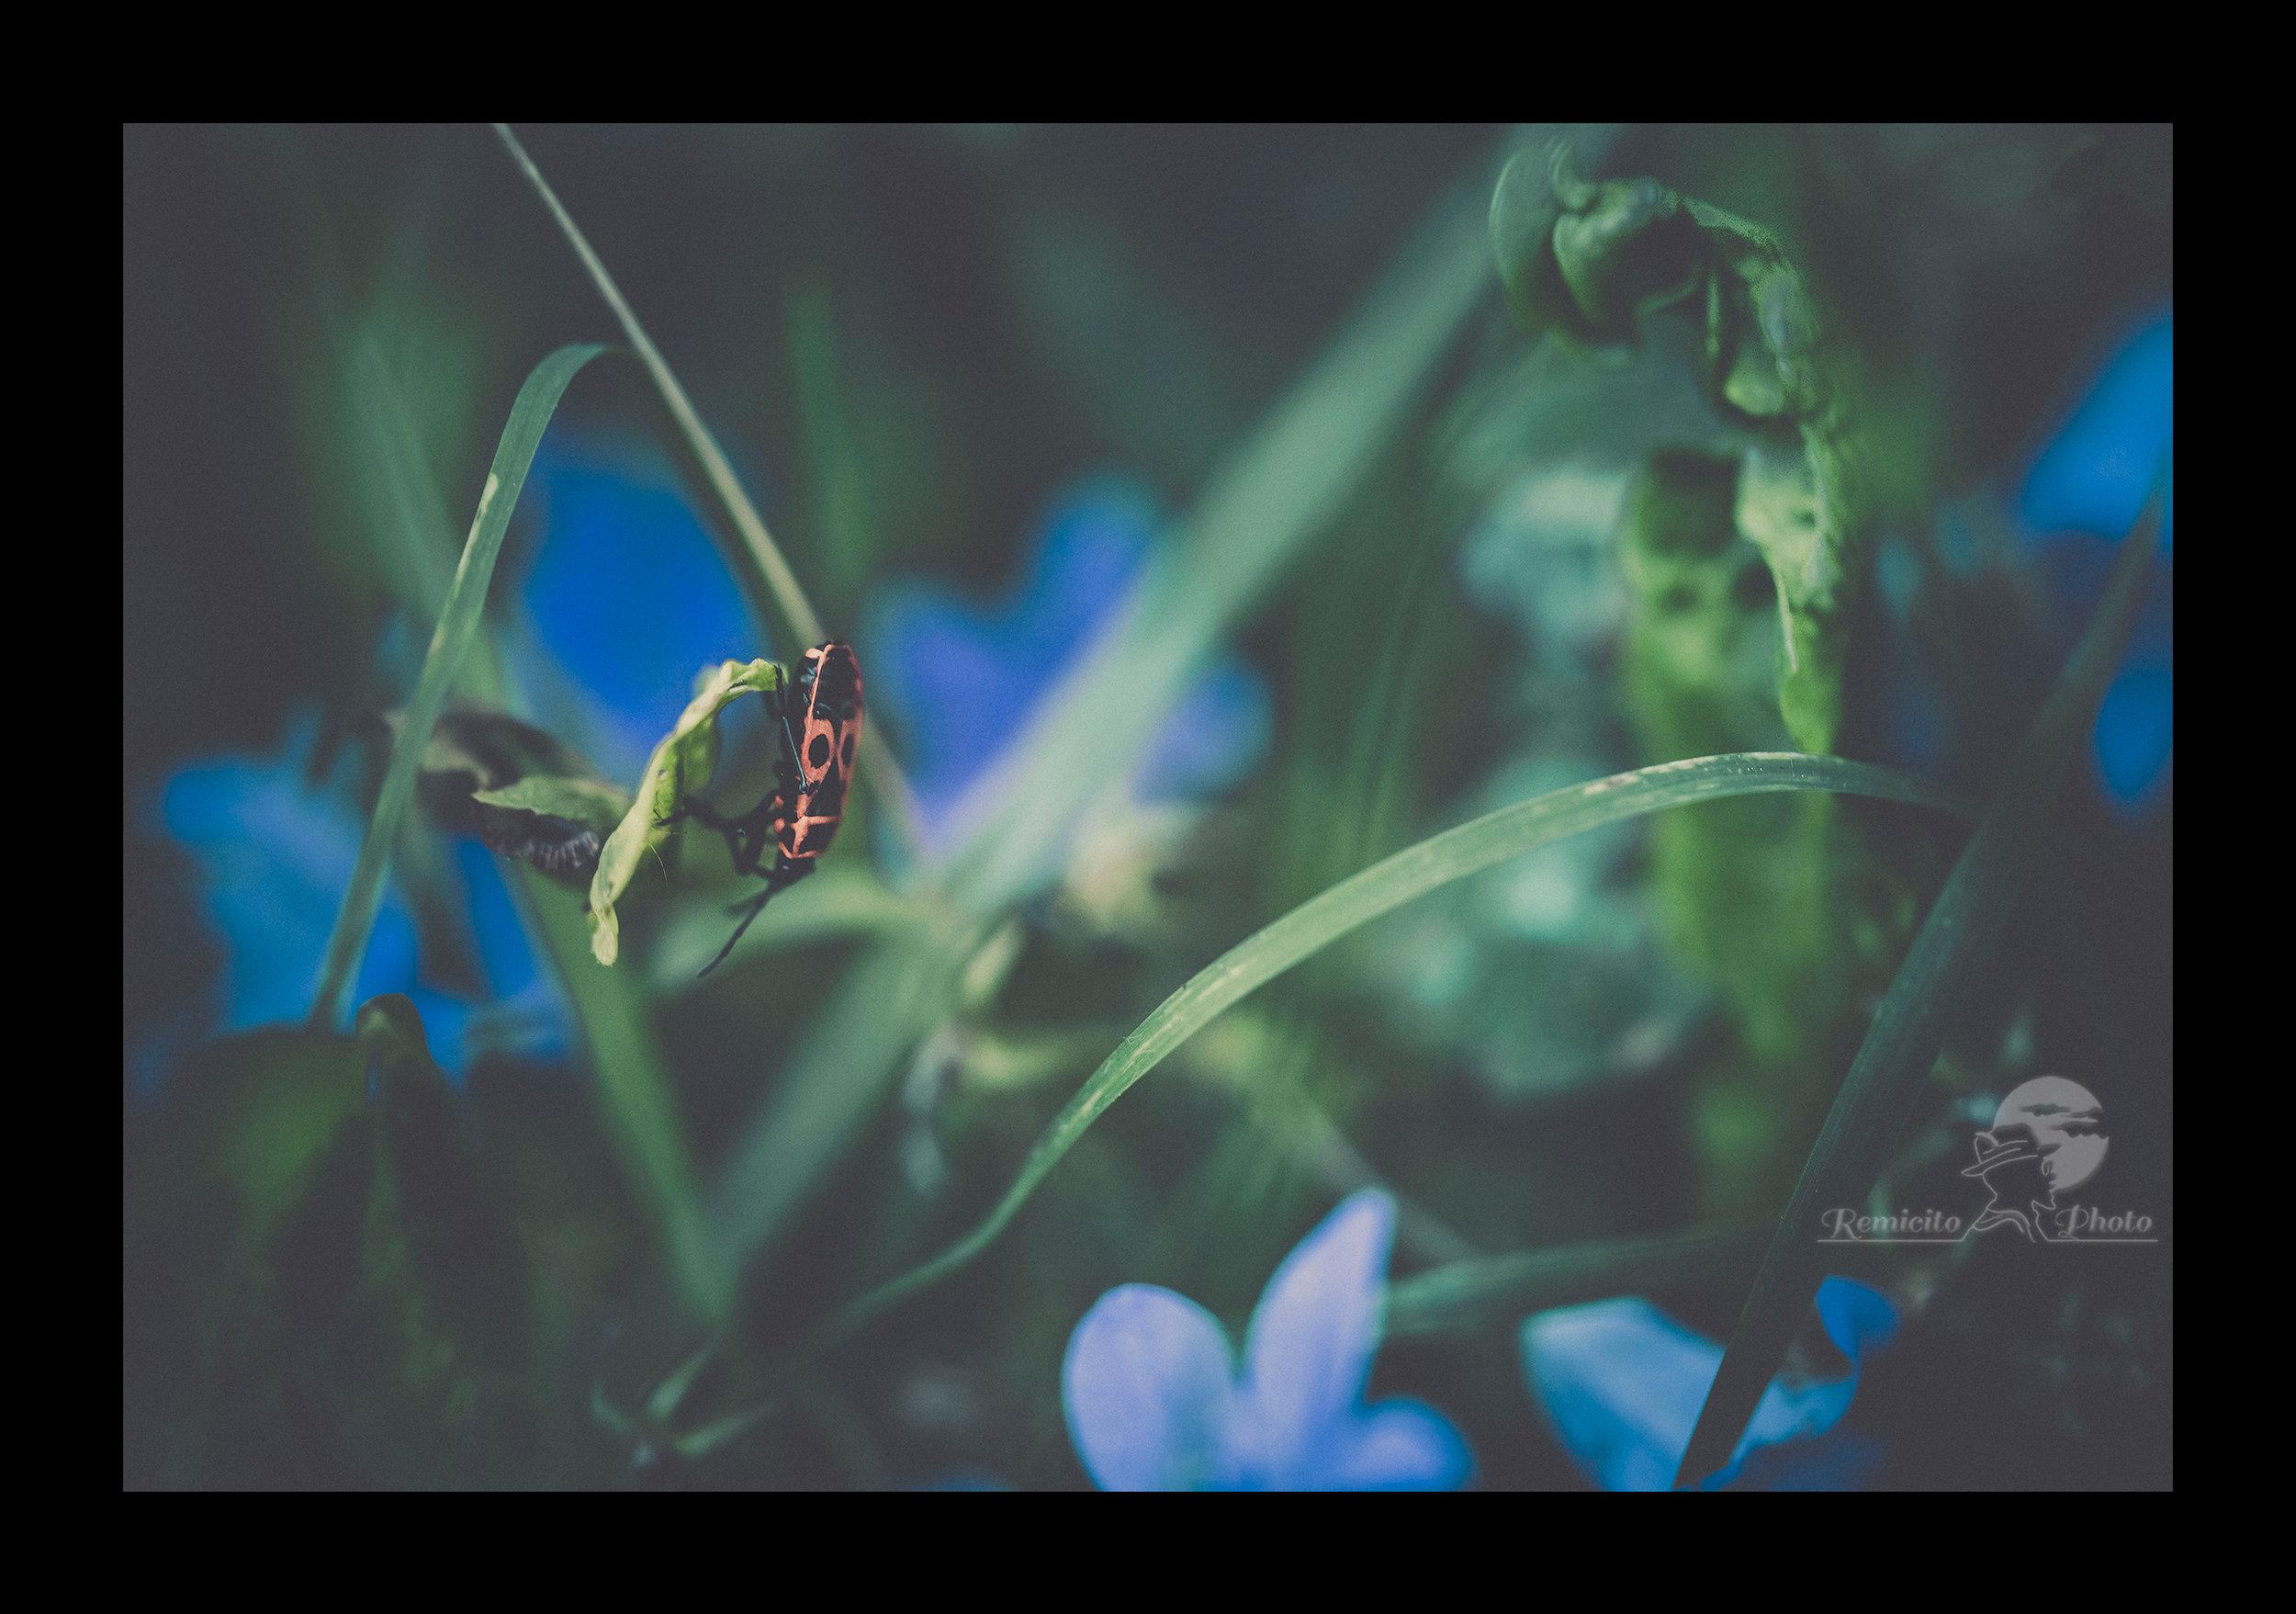 remicito photo, macro photo, idée cadeau, macro photography, bug, insecte photo gros plan, les petits mondes, small worlds, los pequeños mundos, cadeau pour lui, cadeau pour elle, tirage belle photo, idée cadeau déco, cadeau belle photo